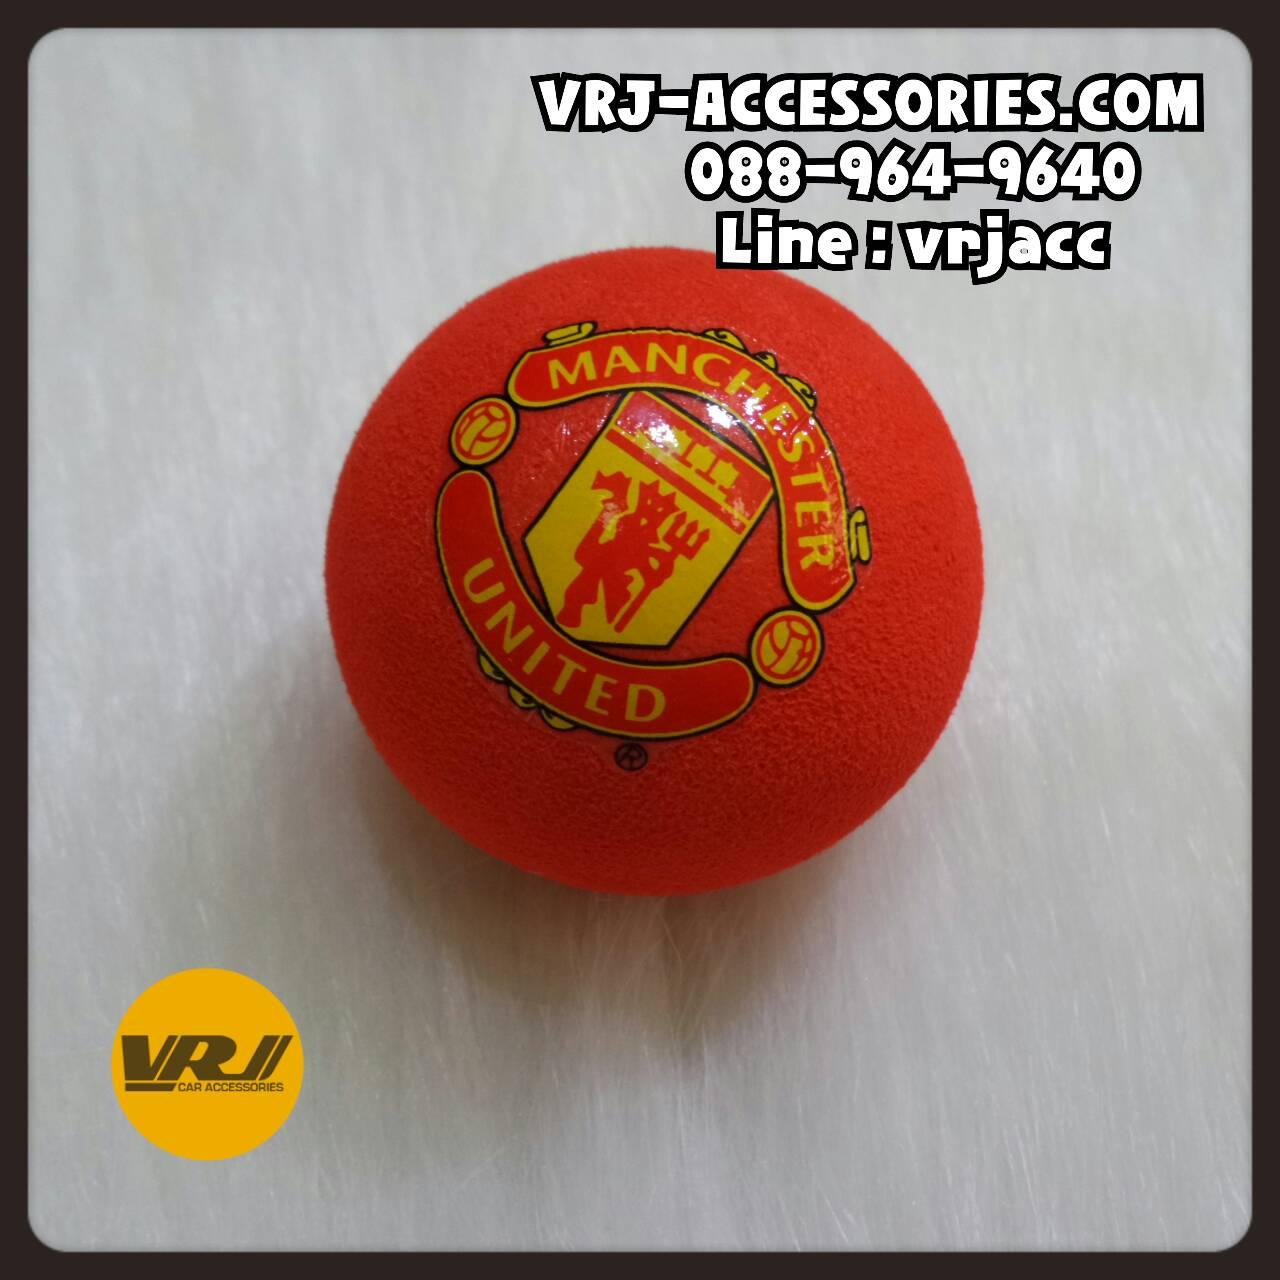 ลูกบอลเสียบเสาอากาศ แมนเชสเตอร์ยูไนเต็ด (แมนยู) : Antenna topper - Manchester United